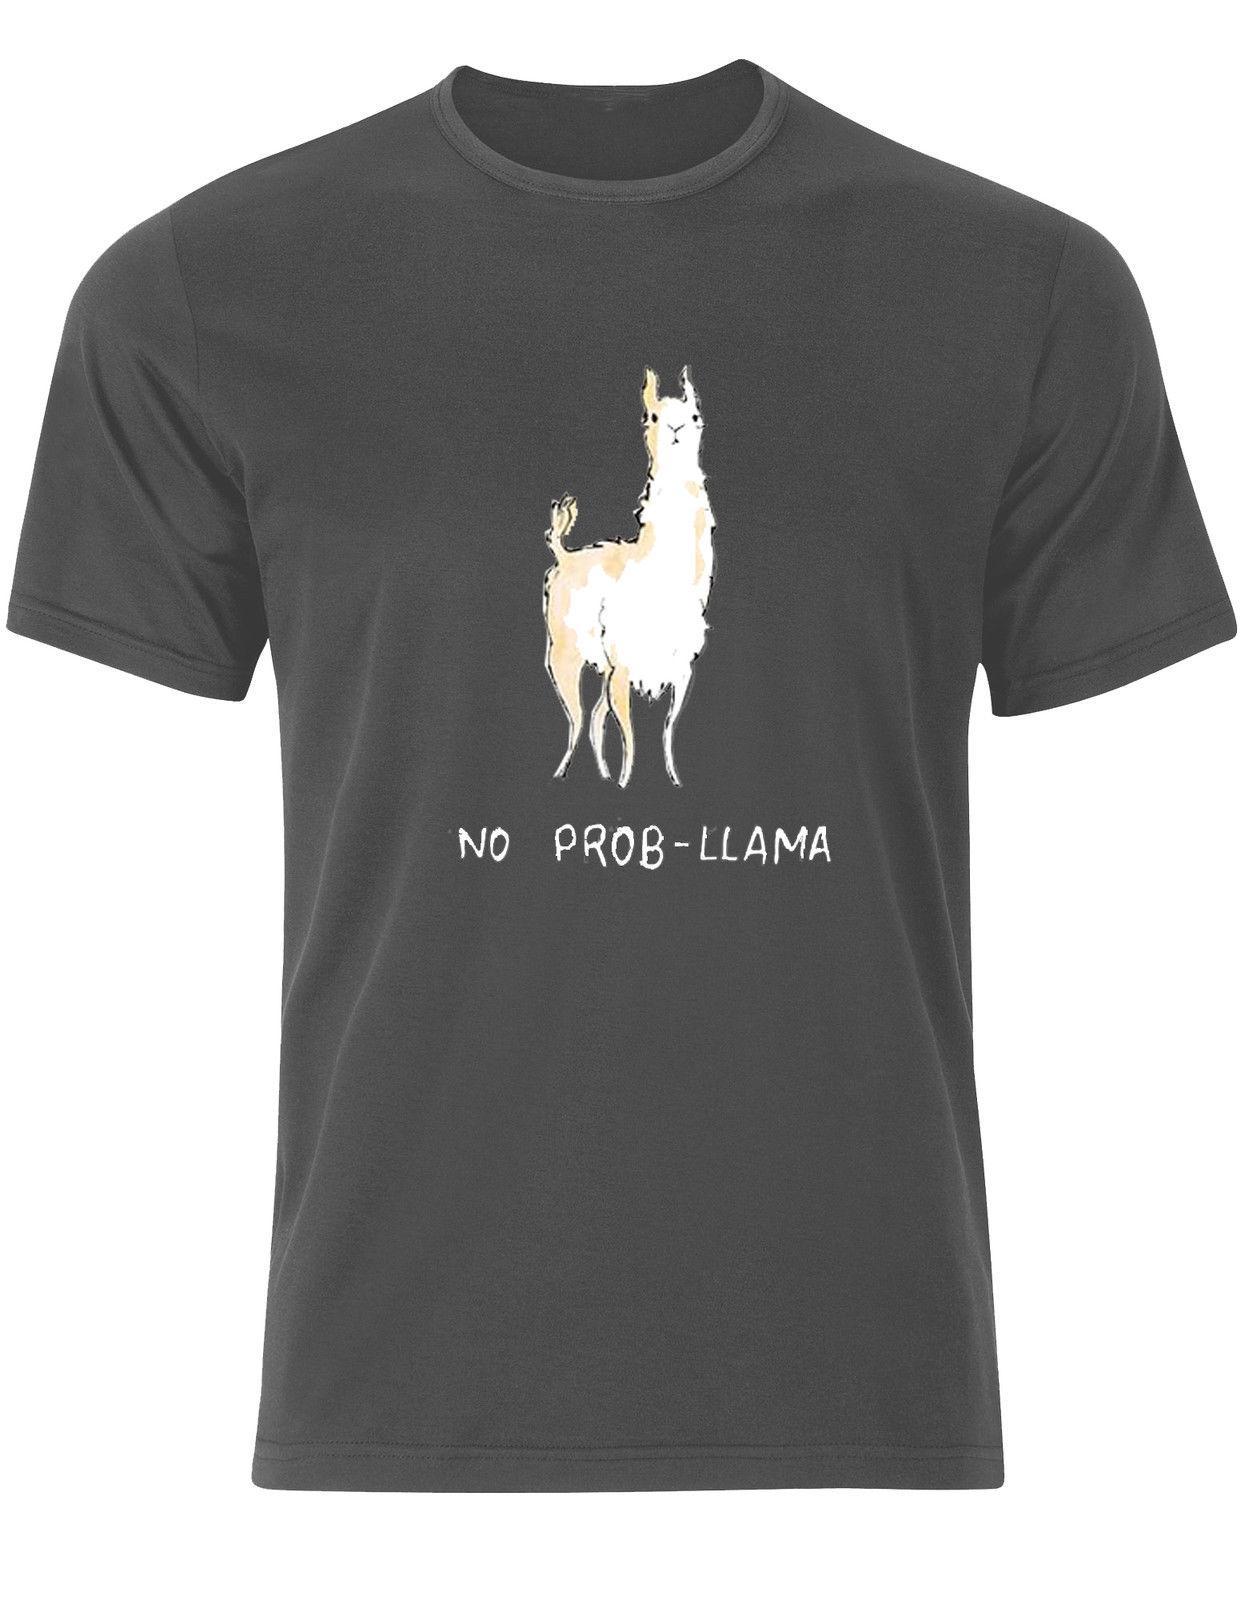 Funny Simple Llama No Problem /'No Probllama/' Men/'s T-Shirt Top AH36